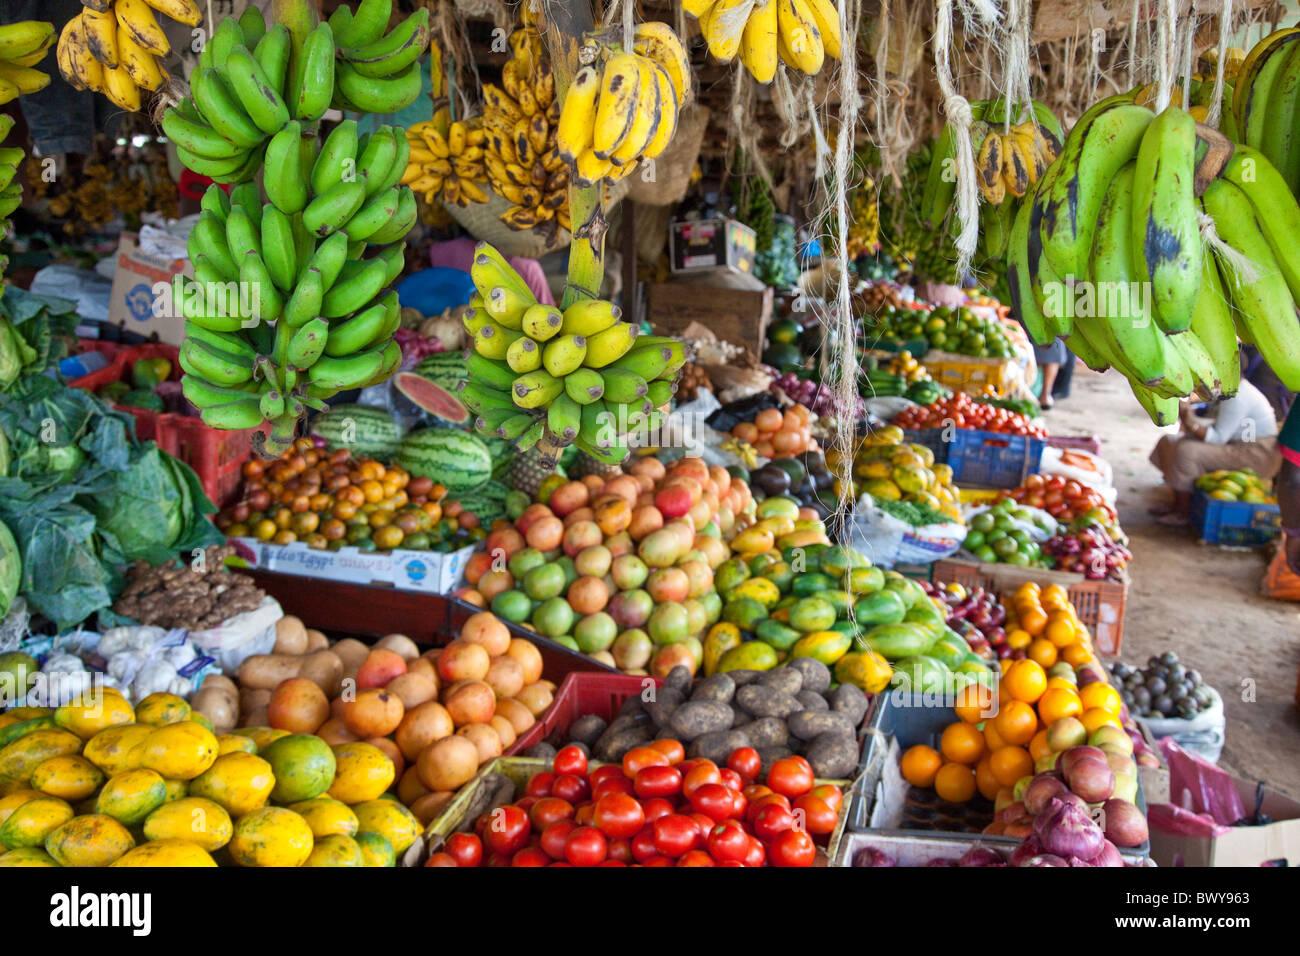 Nuevo parque de la ciudad de Ngara, en el mercado de vendedores ambulantes de Nairobi, Kenia Foto de stock